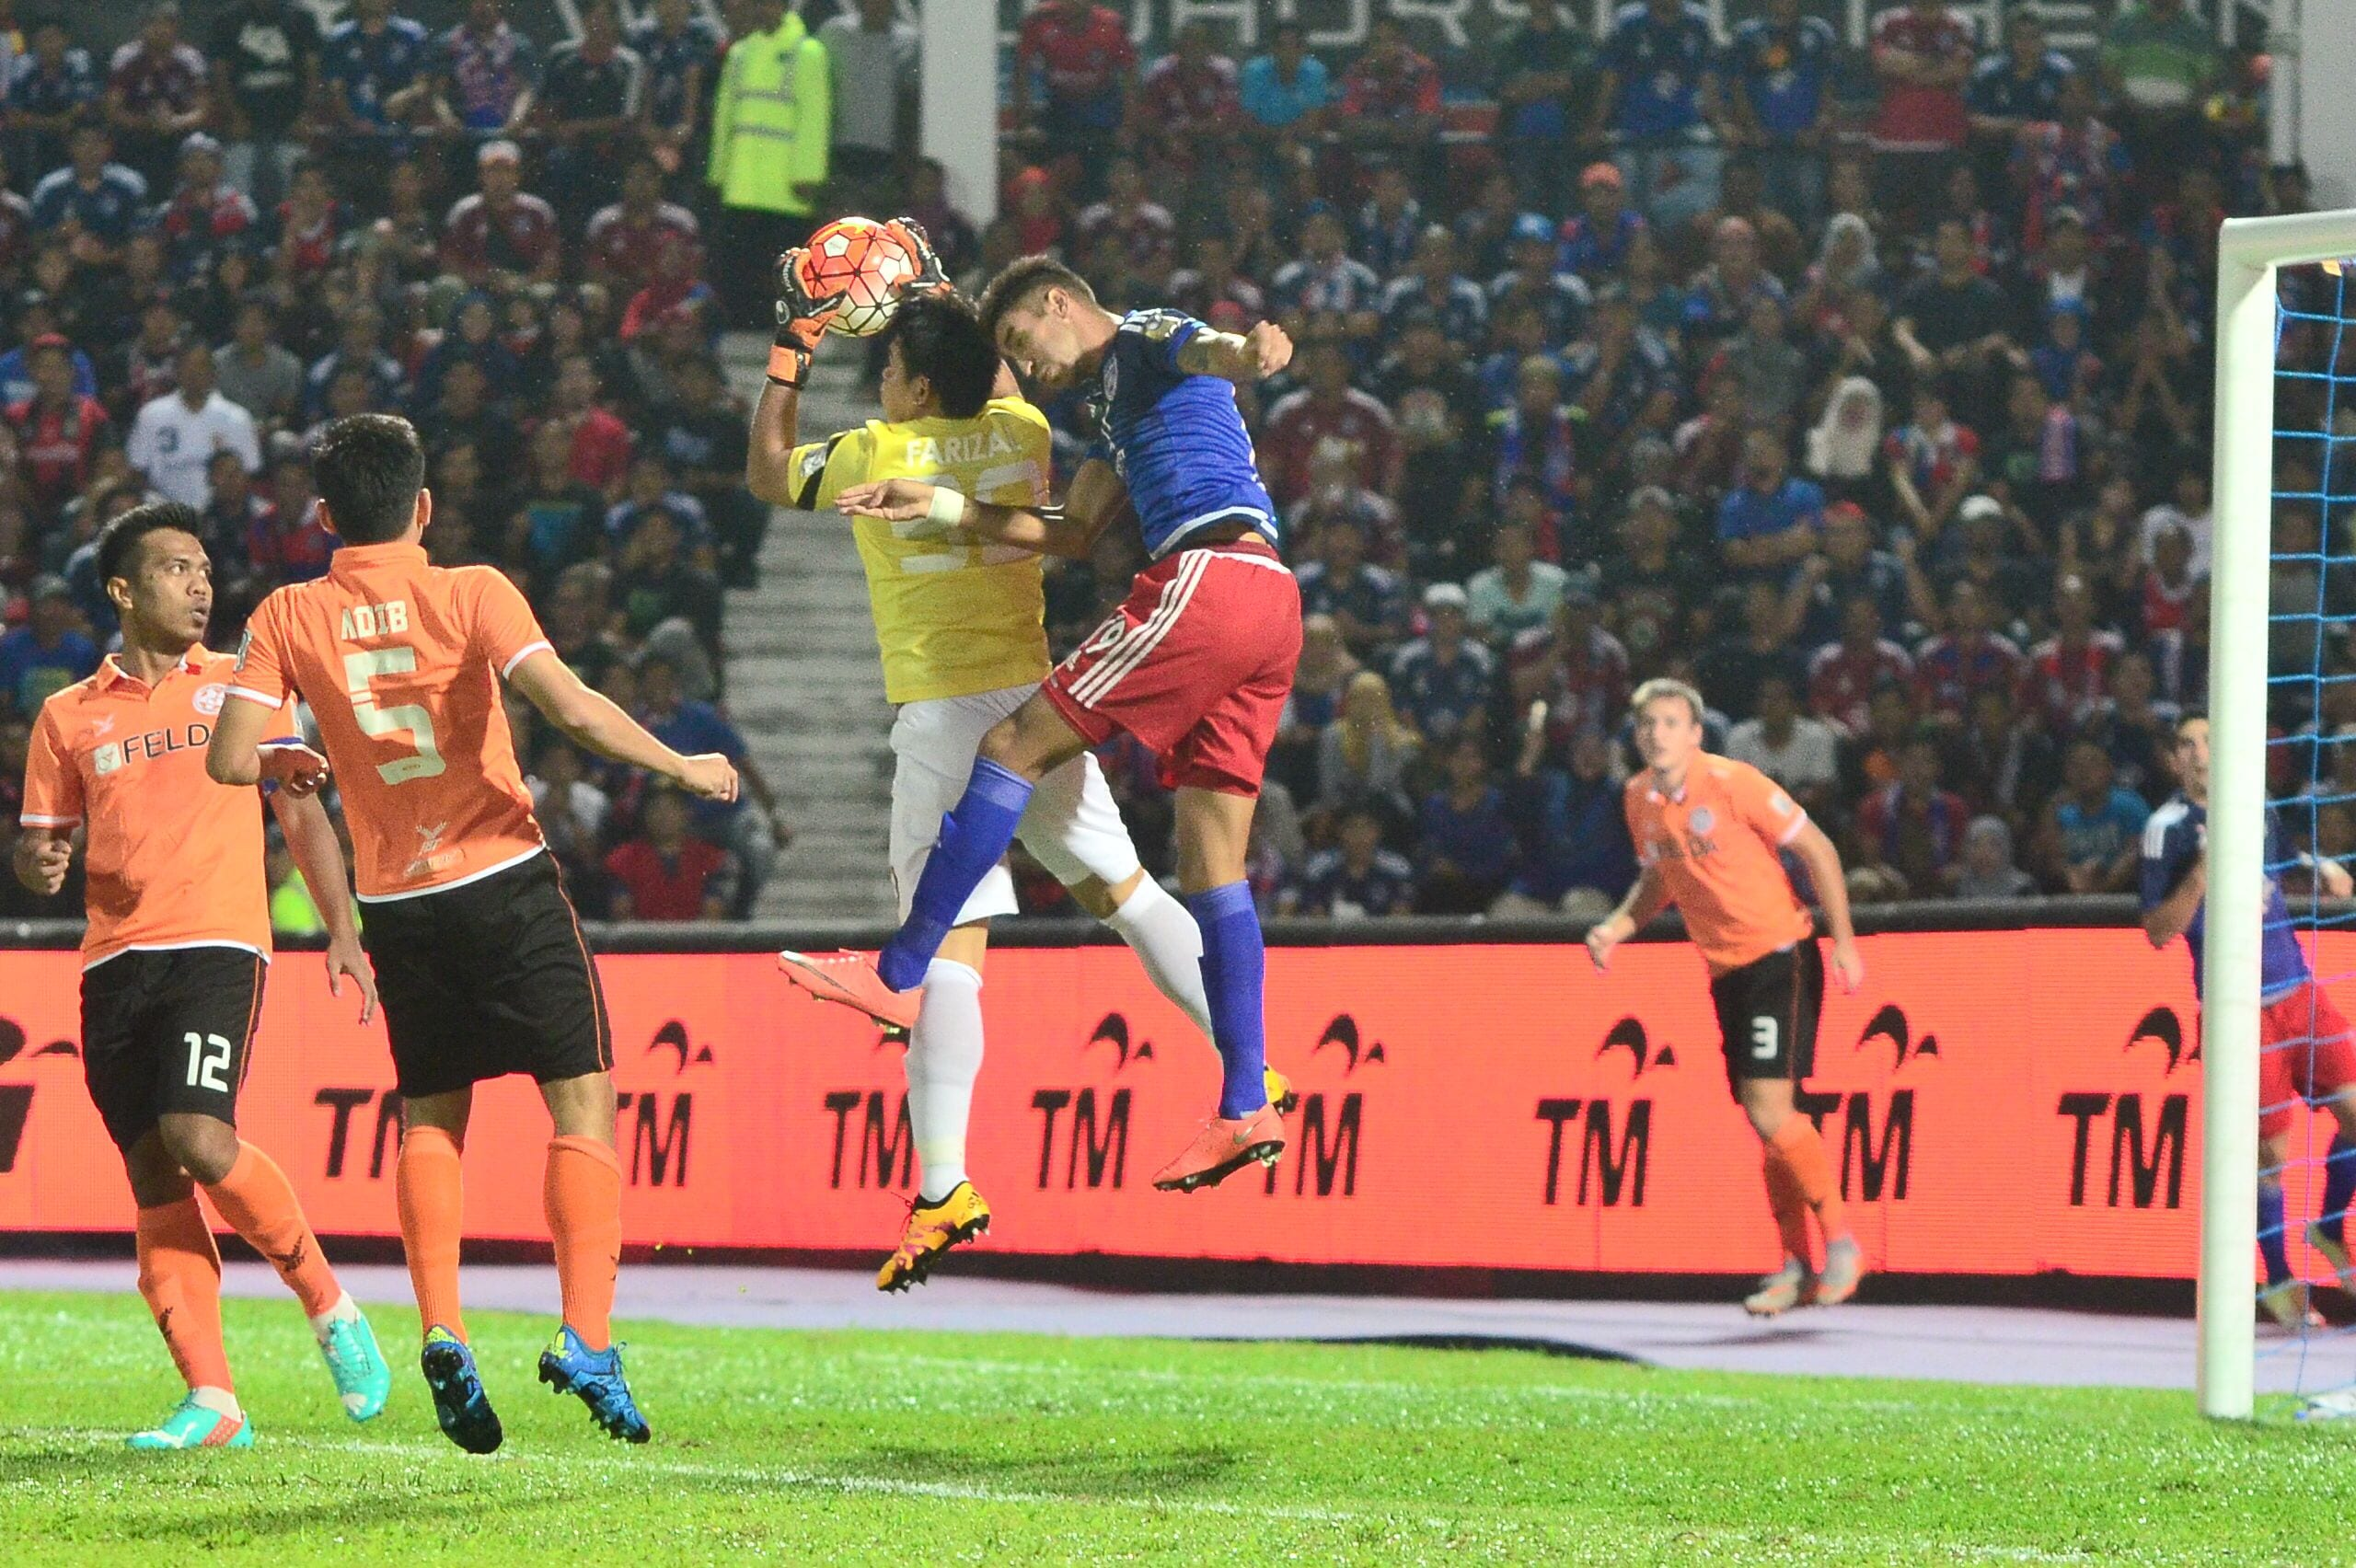 Previu Liga Super 2016: FELDA United vs JDT Tentukan Siapa Juara Liga